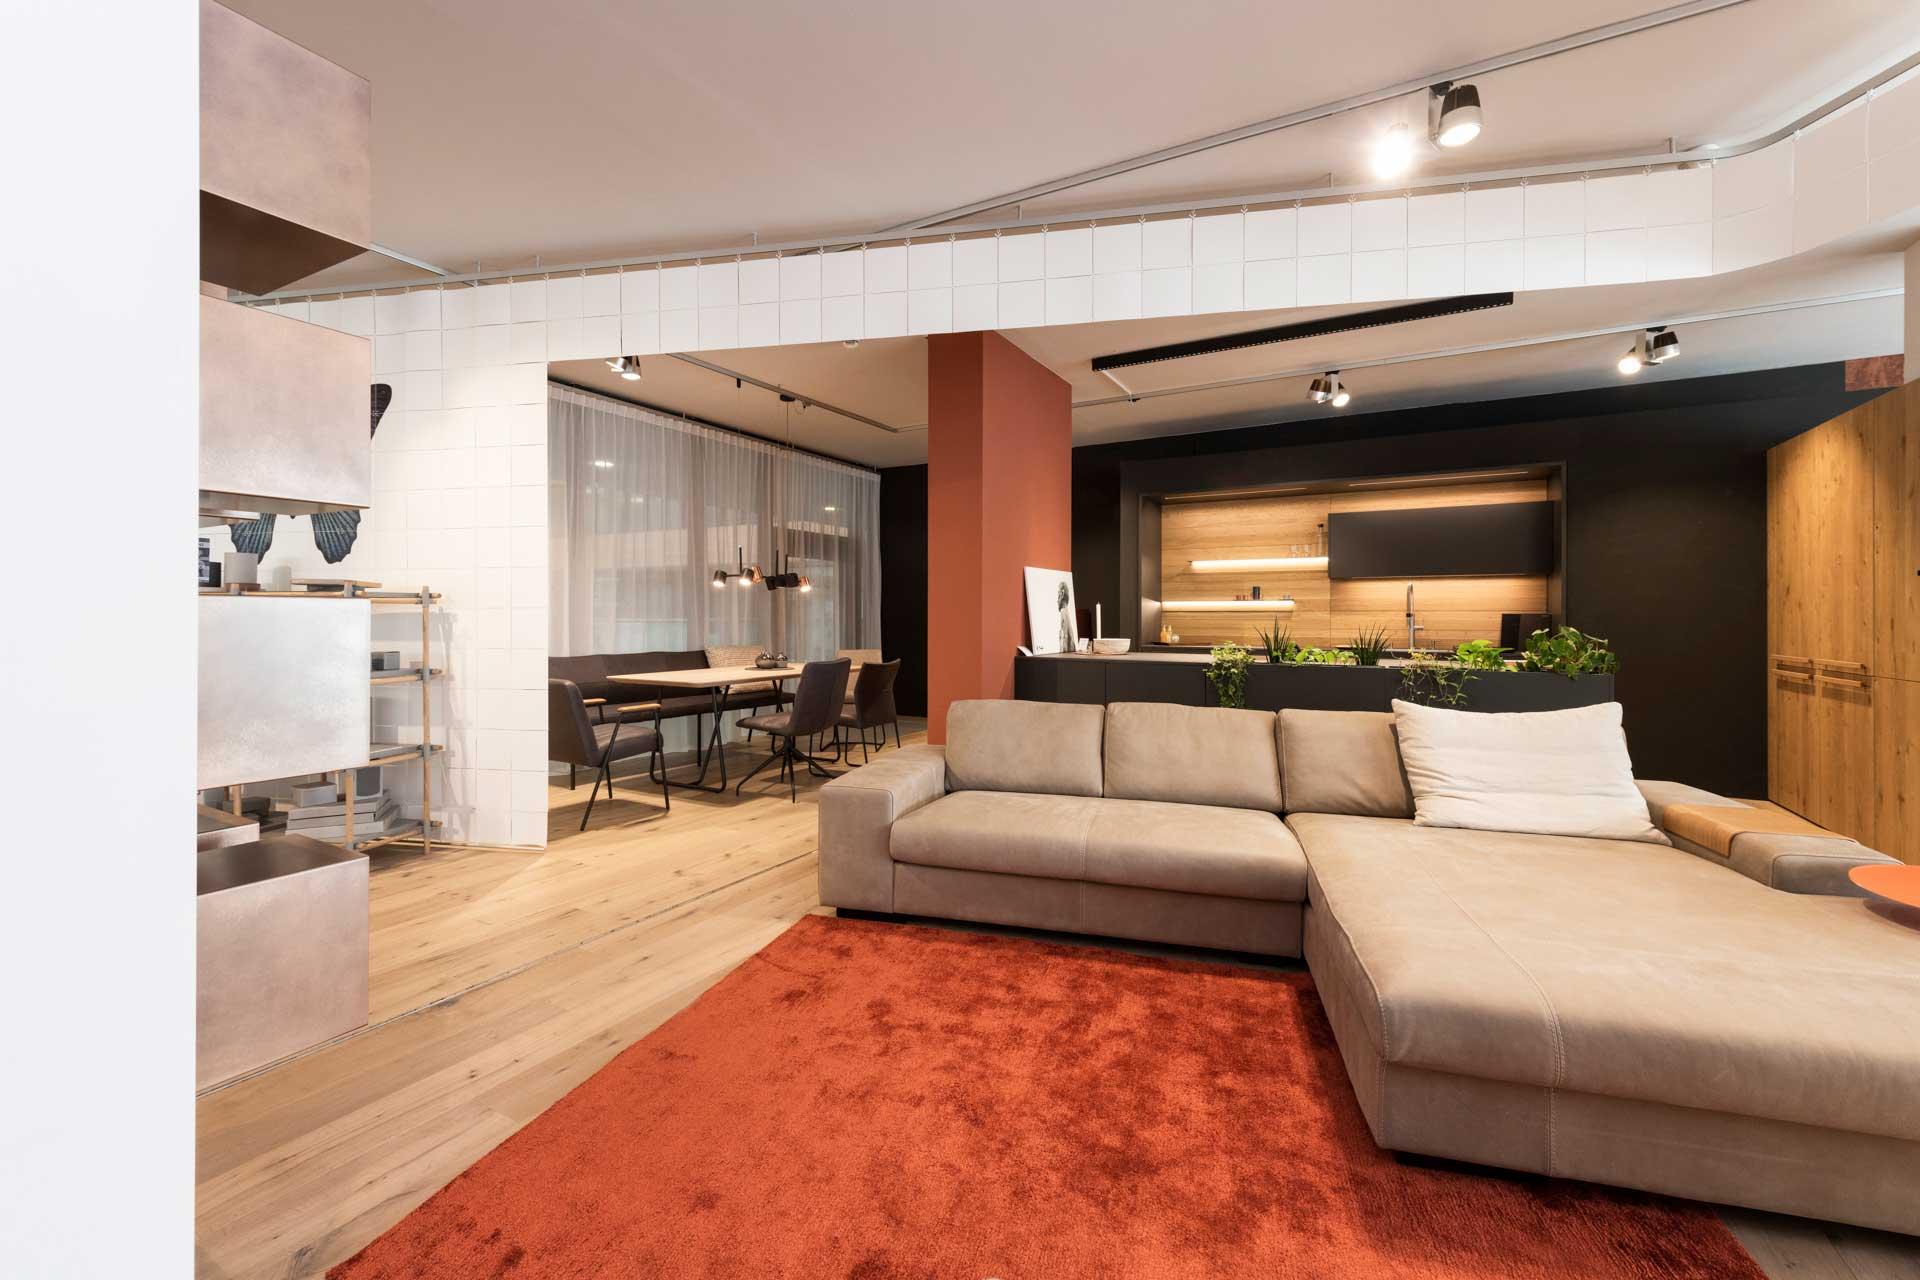 couchzone - Interior Design Innsbruck - Sitzmöbel & Couchen